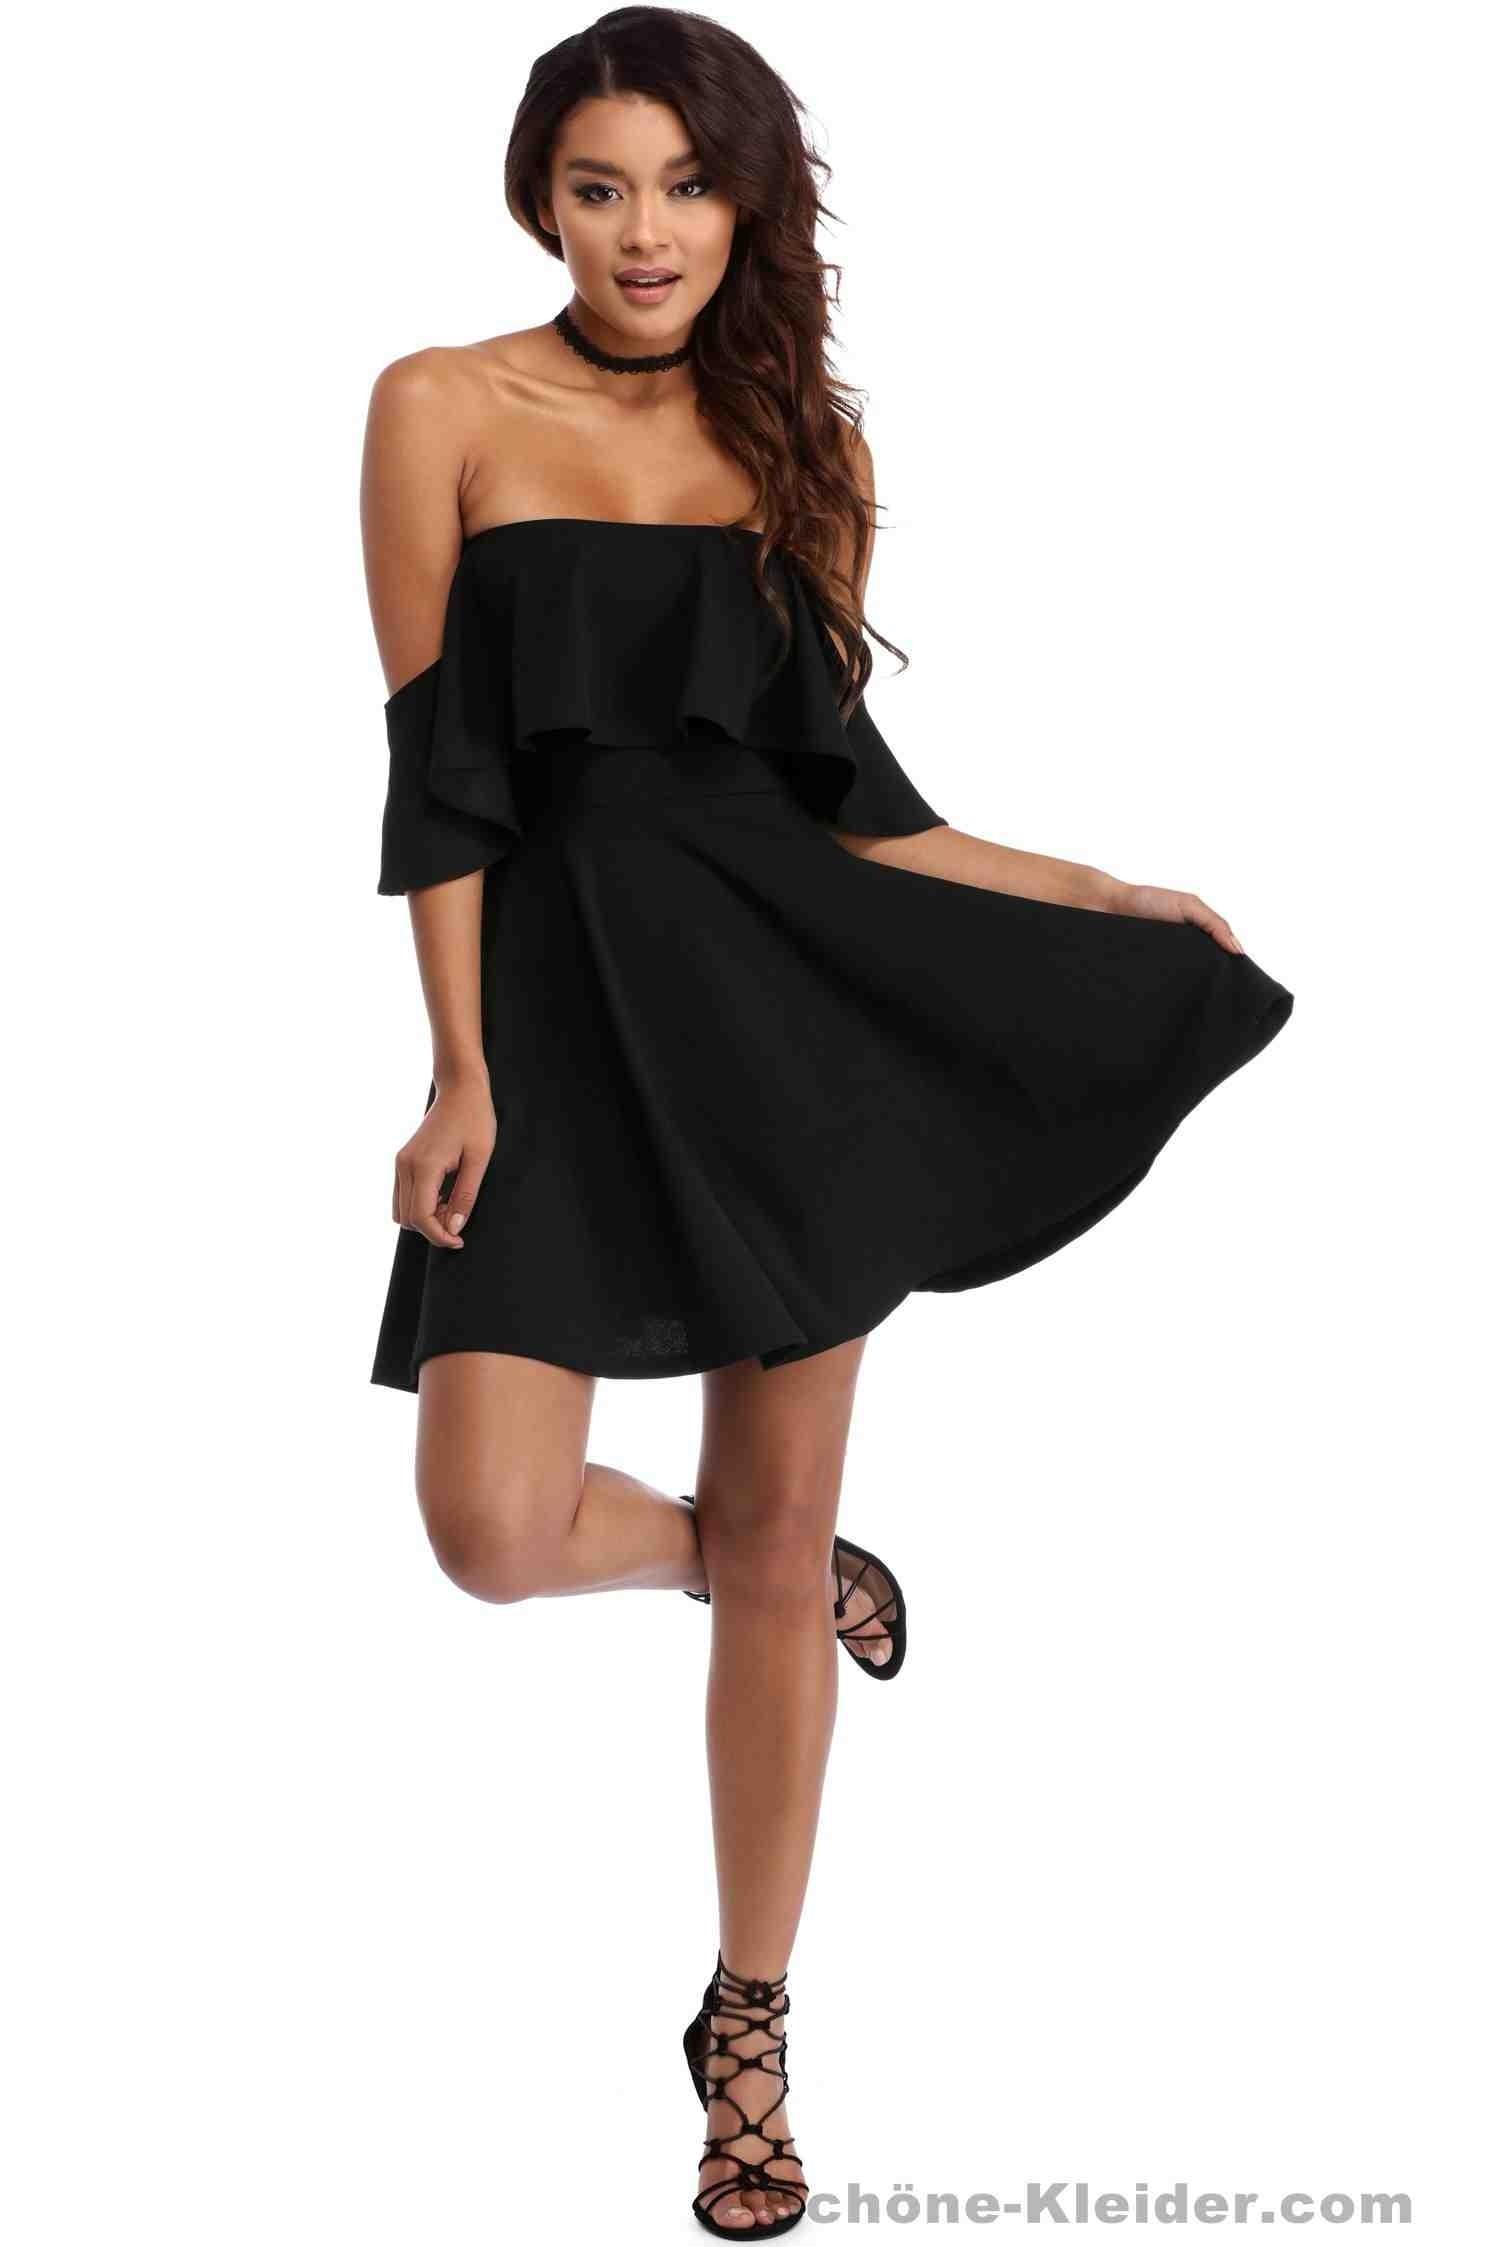 17 Fantastisch Damen Kleider Kurz Design - Abendkleid